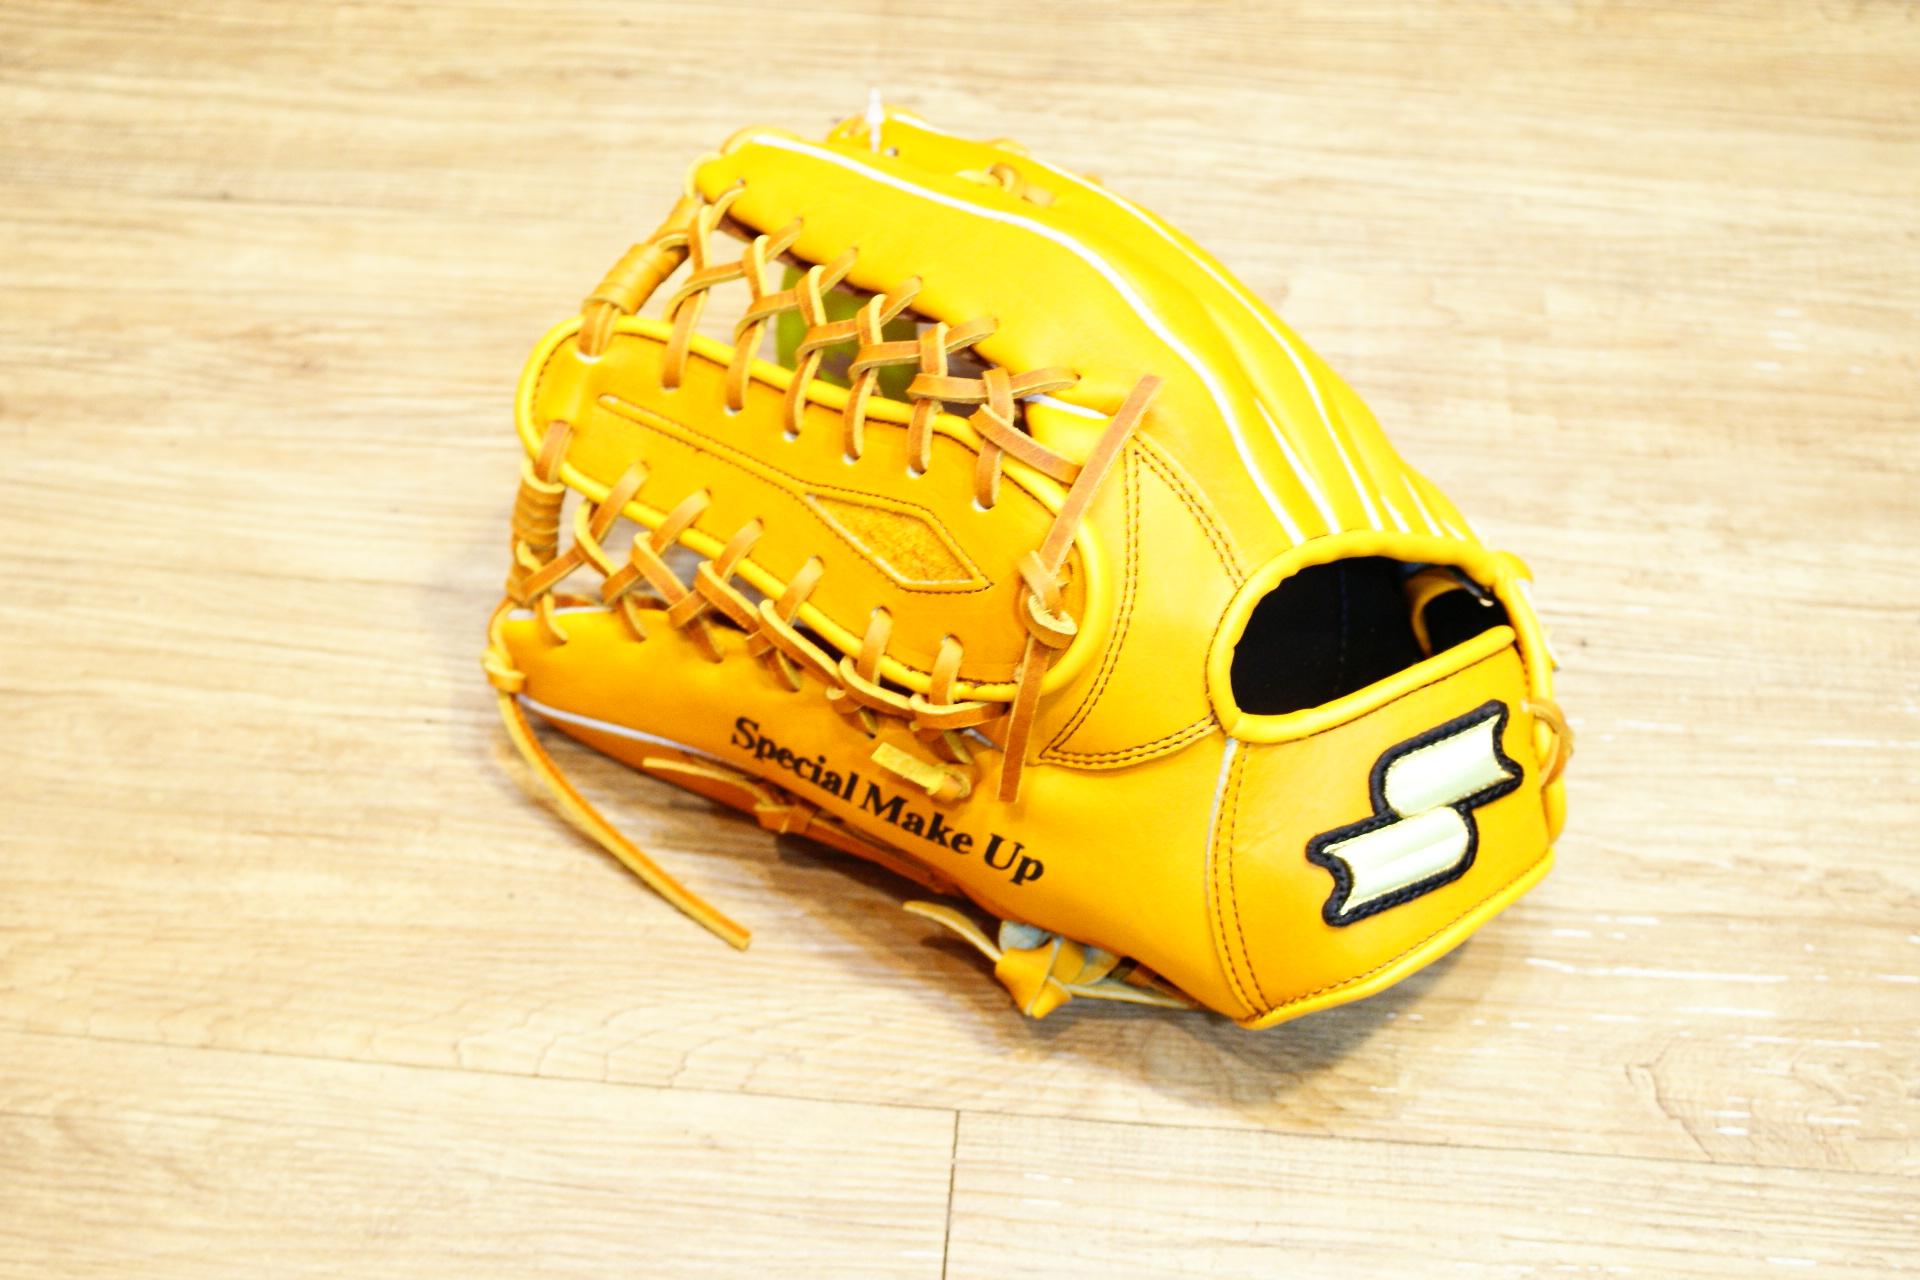 棒球世界 全新 店訂版SSK棒壘通用牛皮外野手套特價   牛舌檔 原皮色 反手